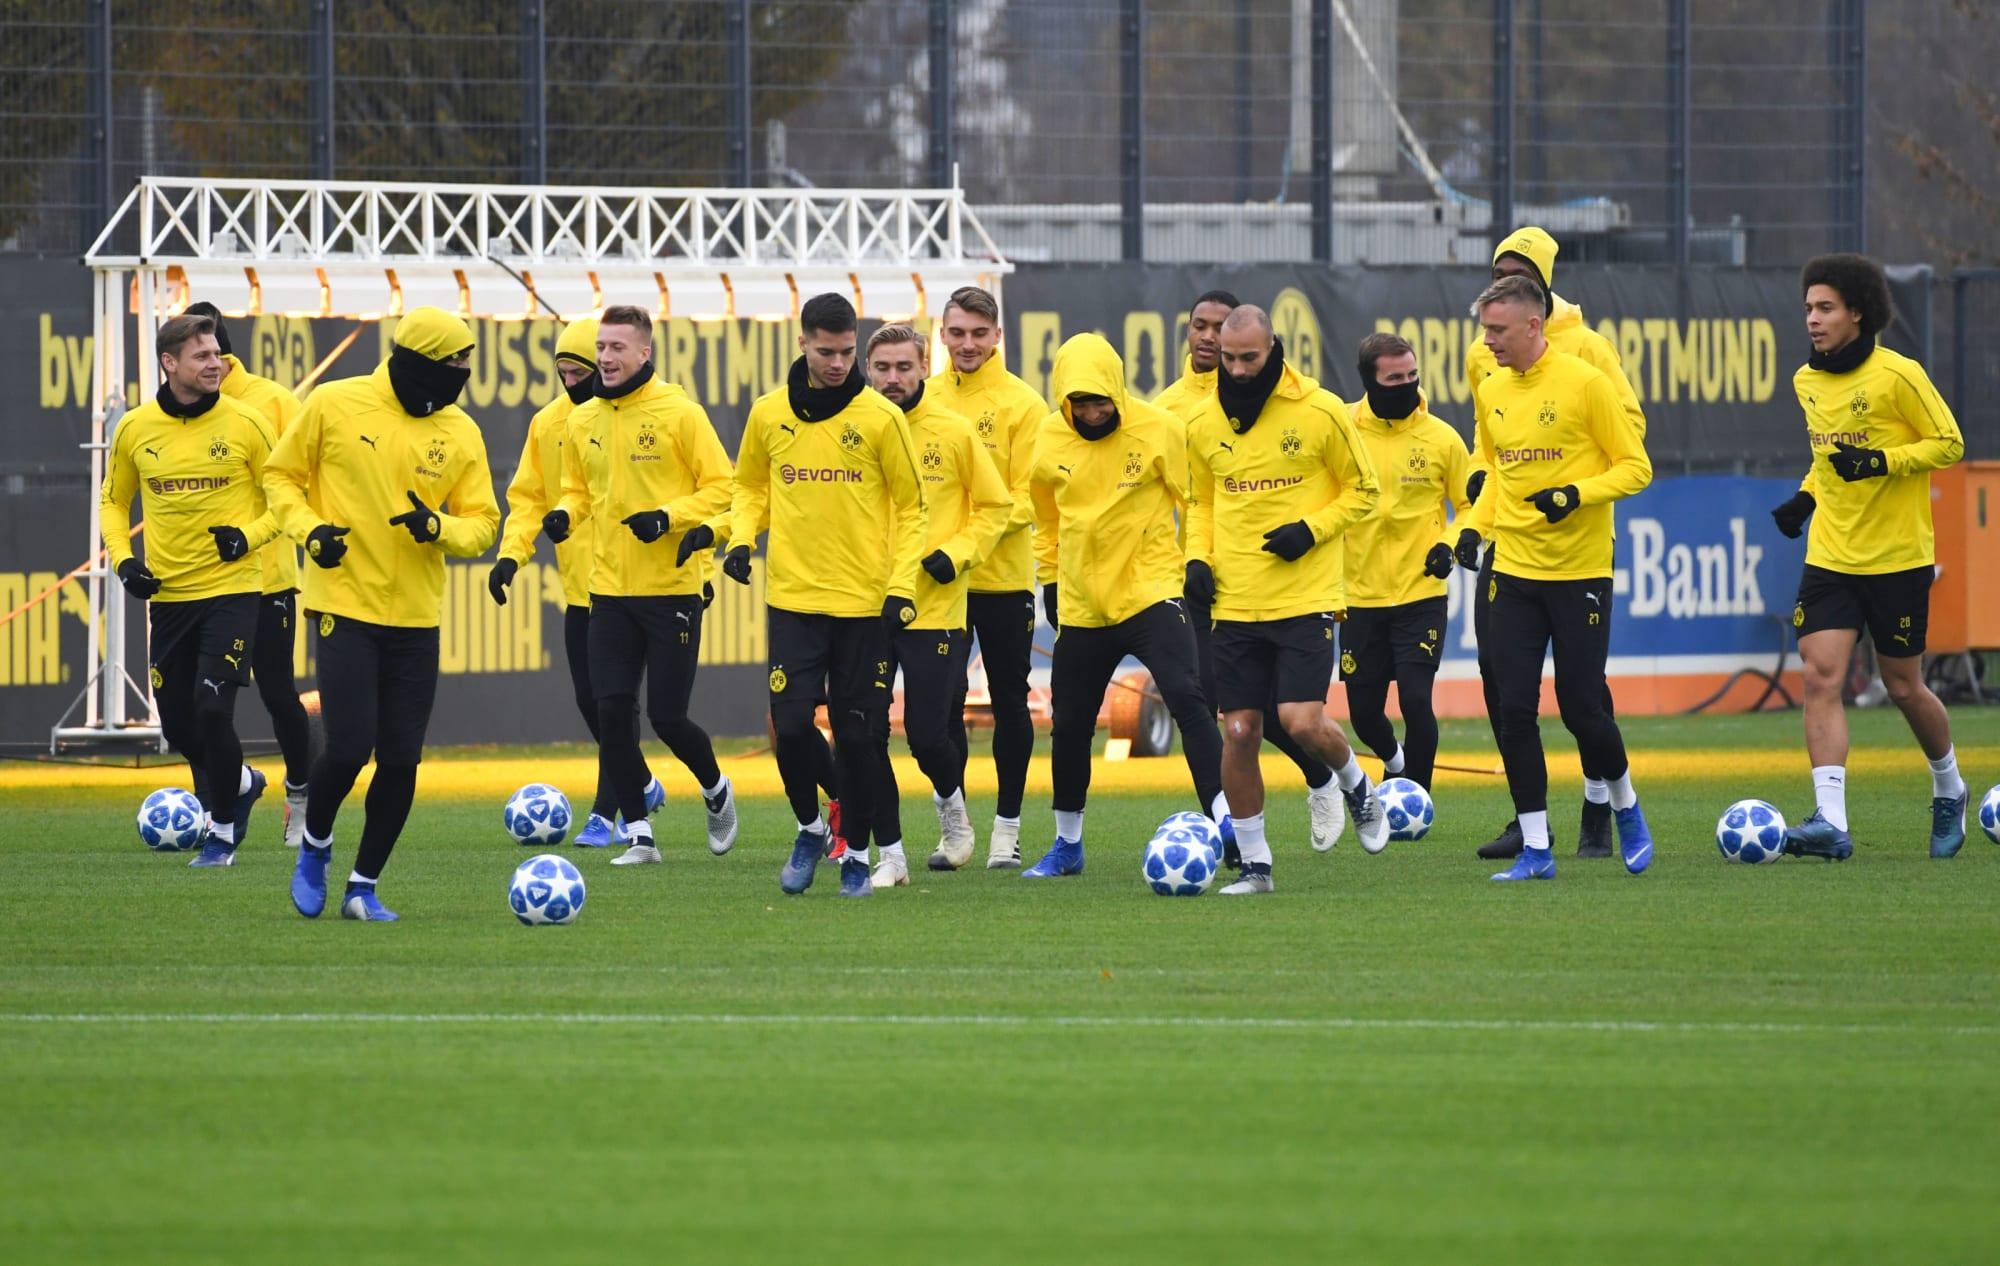 X Club Dortmund